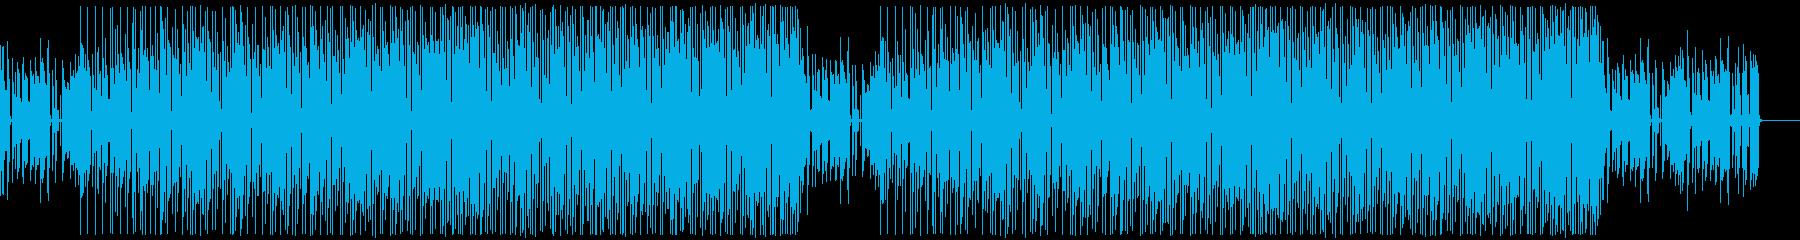 腕利きミュージシャンたちのジャズファンクの再生済みの波形